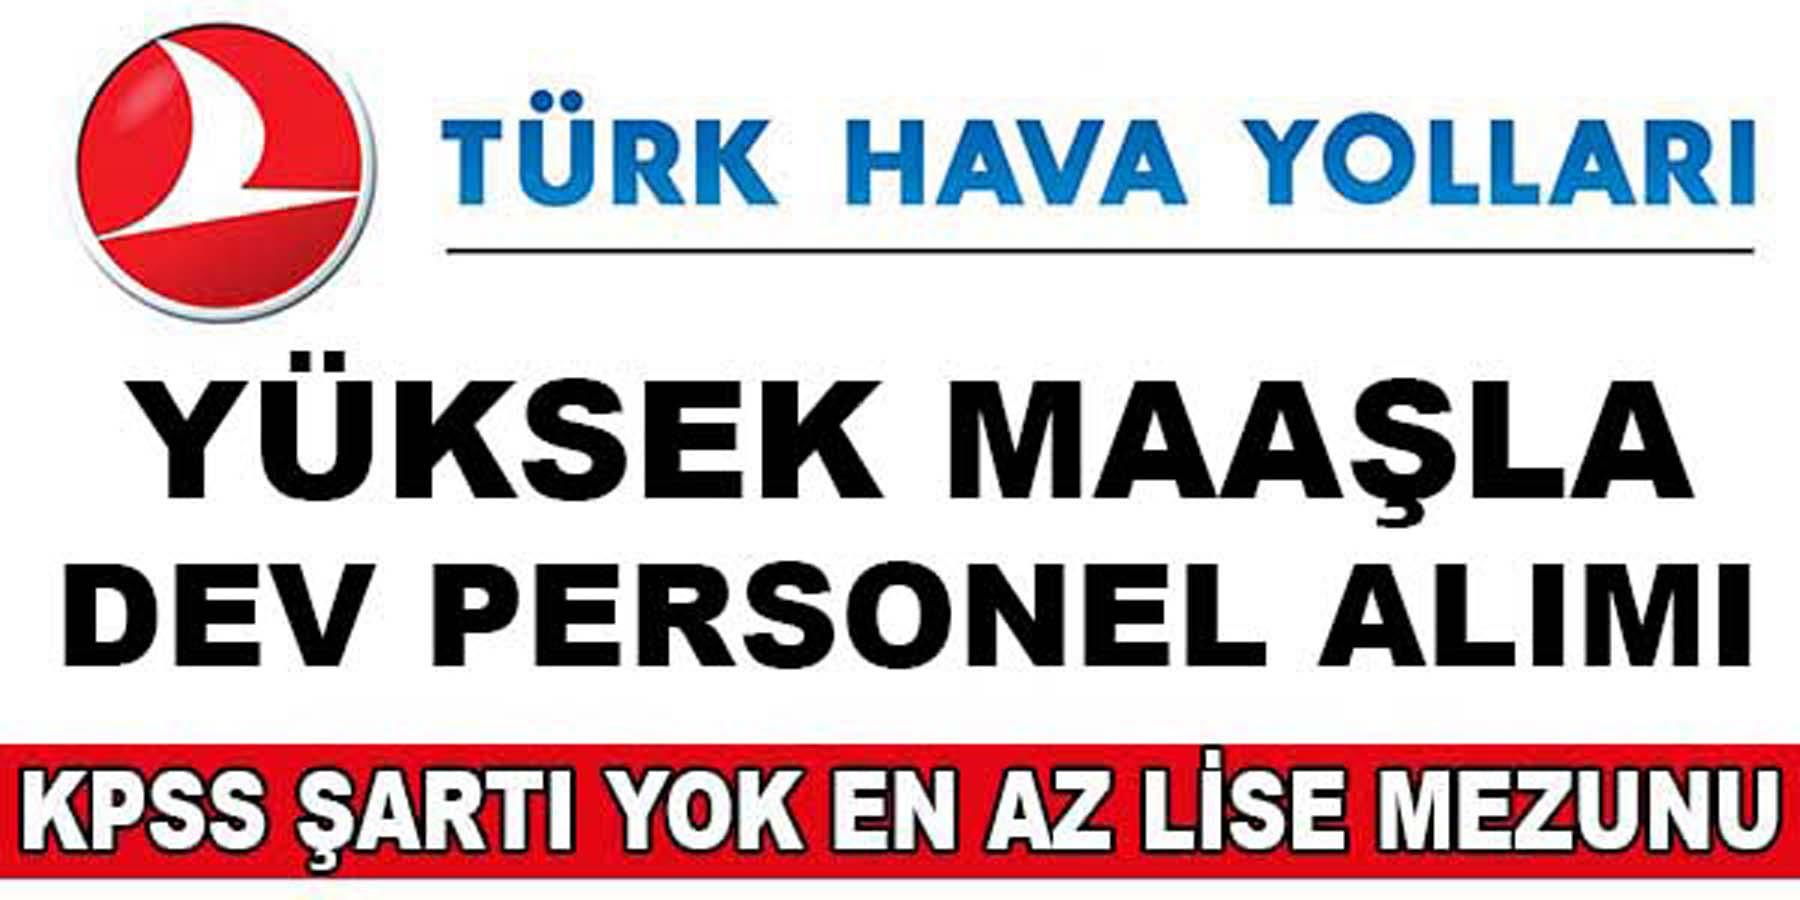 Türk Hava Yolları Personel Alımı Ağustos 2016